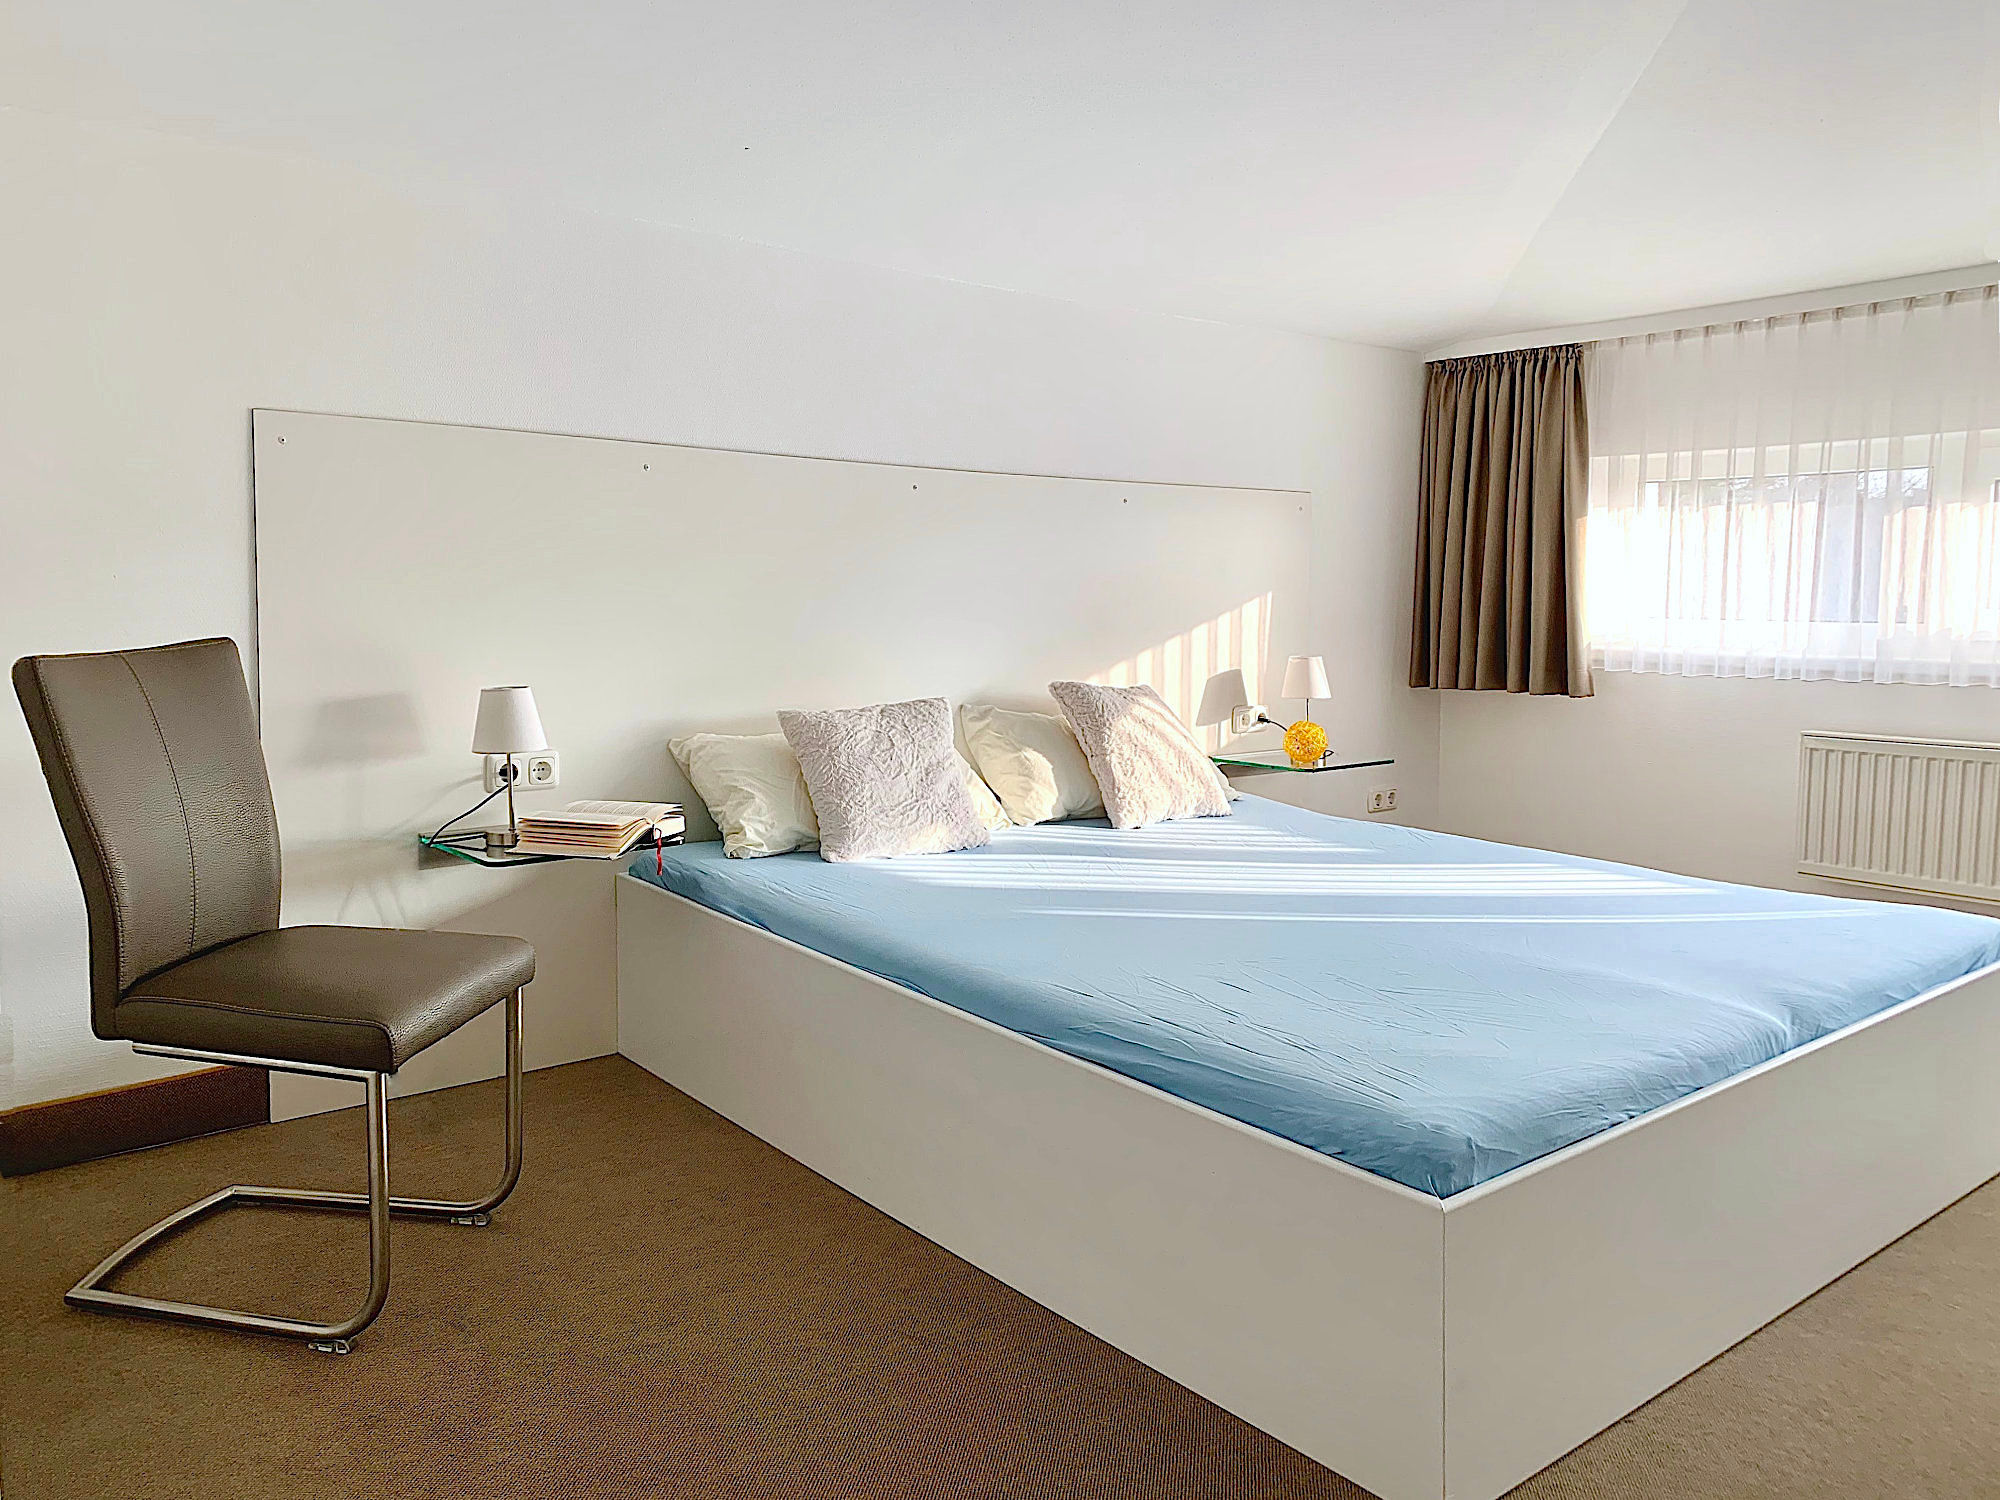 Schlafzimmer mit Doppelbett,  dahinter ein breites Fenster. Links im Bild ein Stuhl